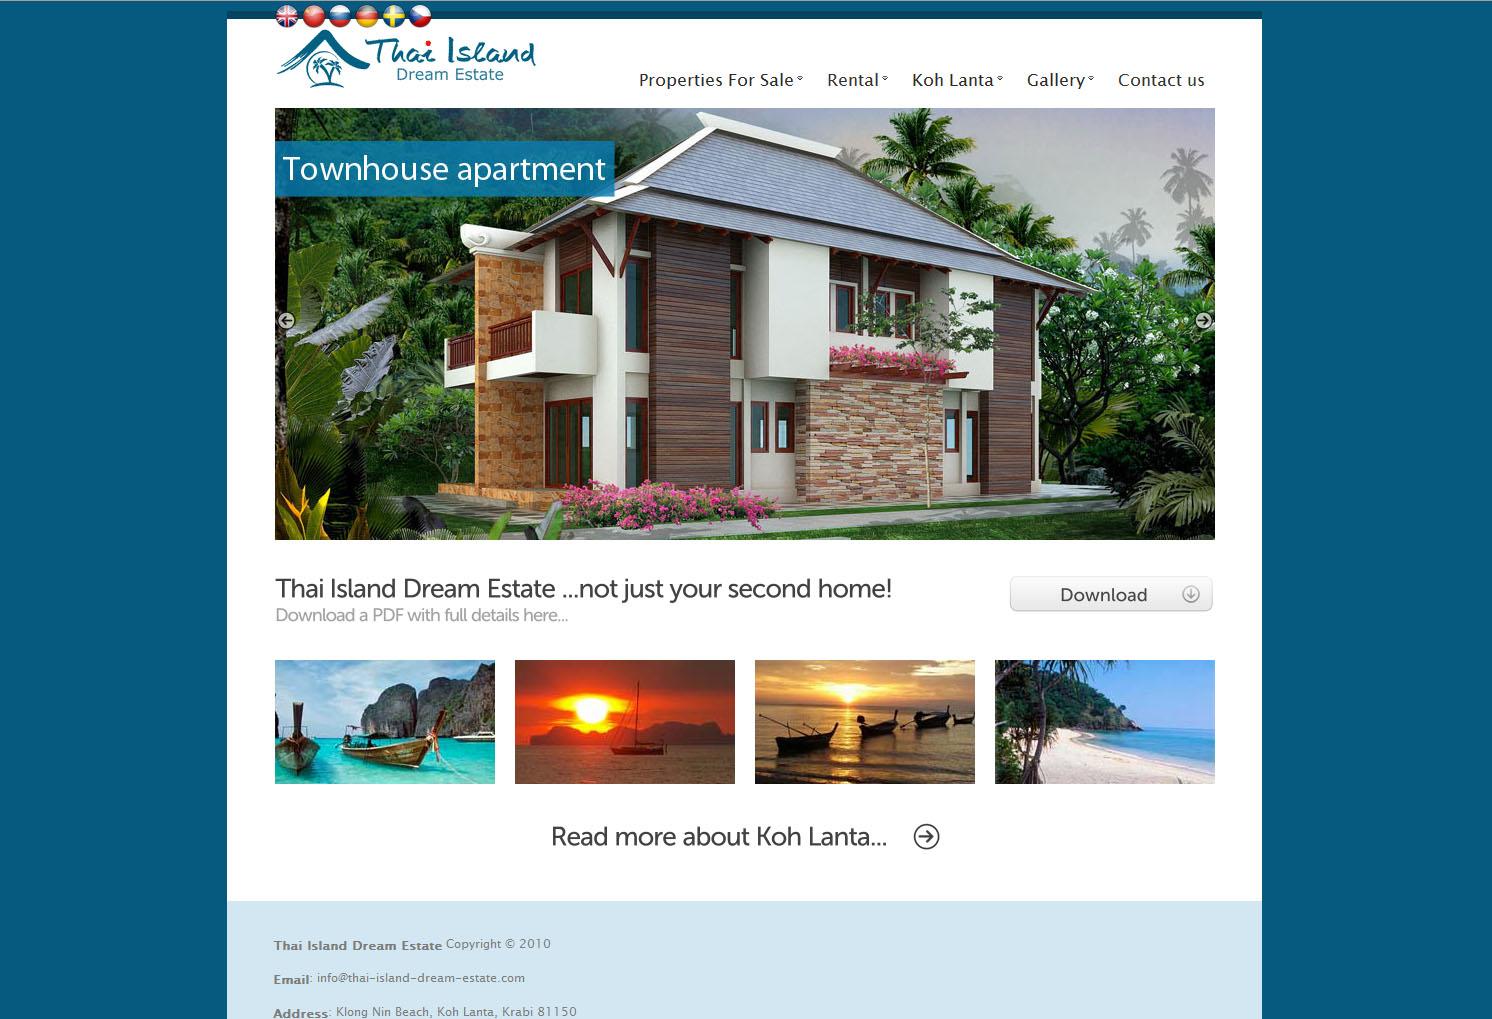 ThaiIslandDreamEstate.com